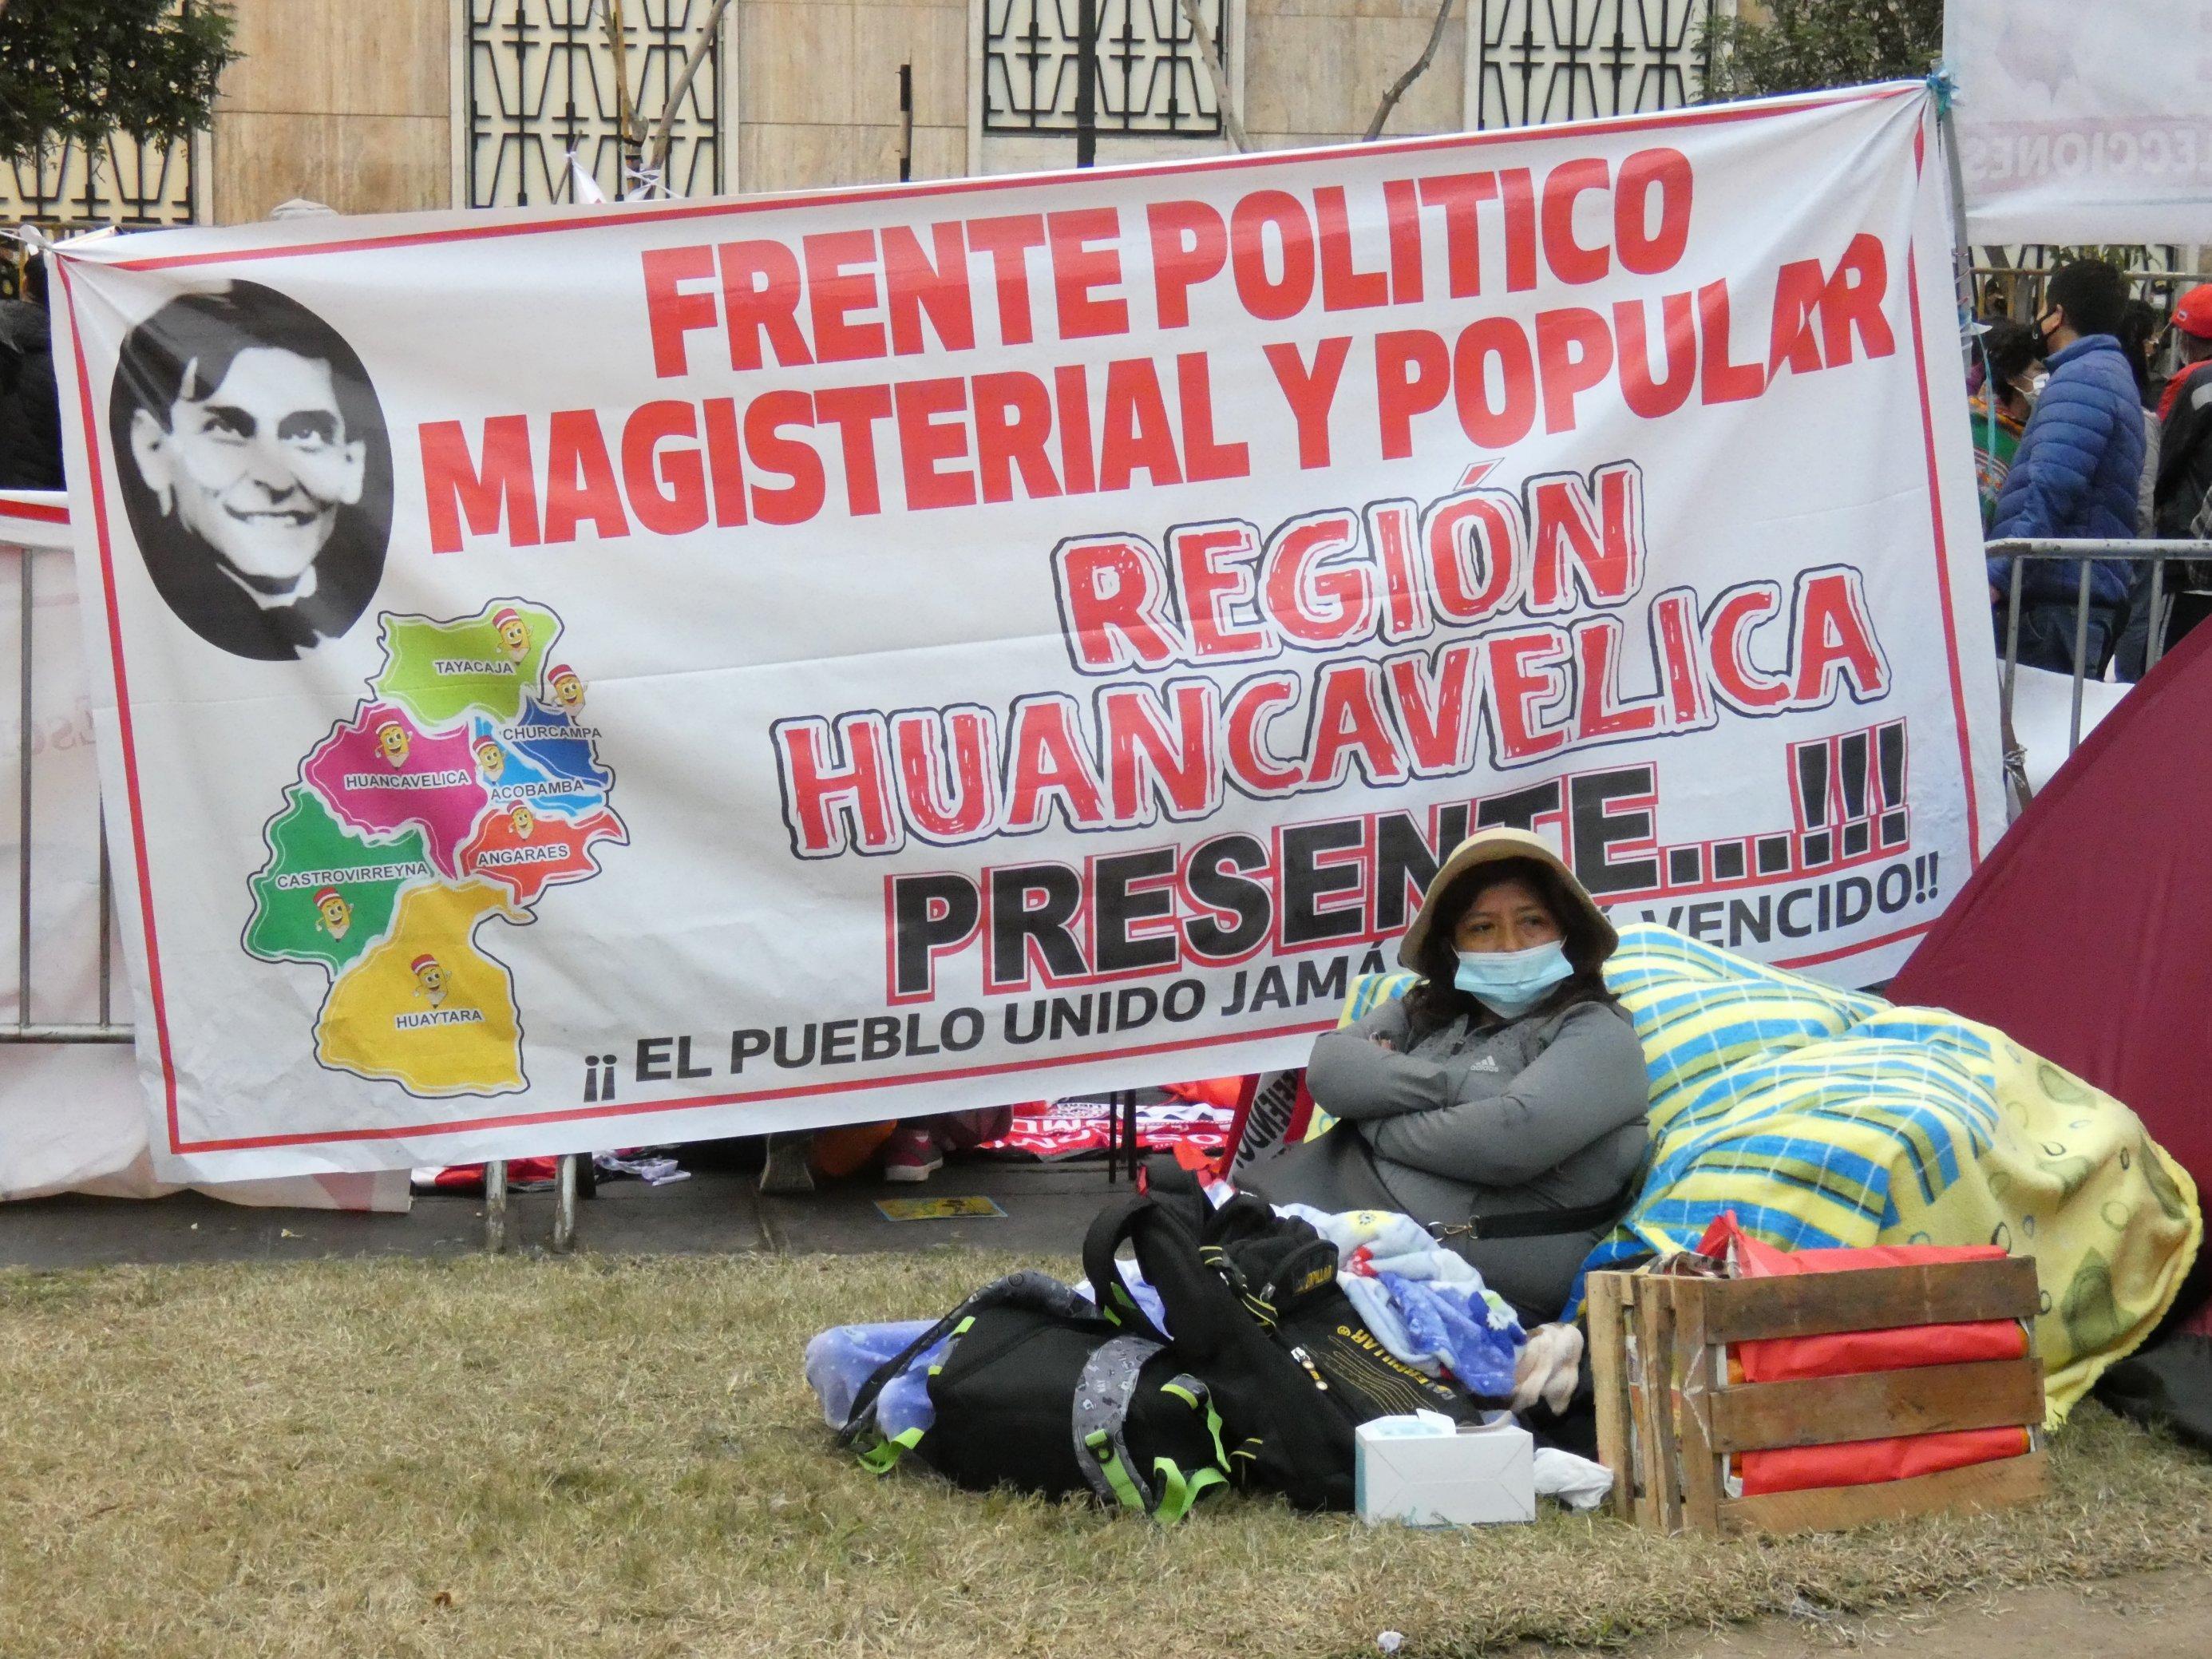 Ein großes Plakat mit der spanischen Aufschrift der Lehrergewerkschaft; davor sitzt eine Person mit viel Gepäck auf dem Rasen.